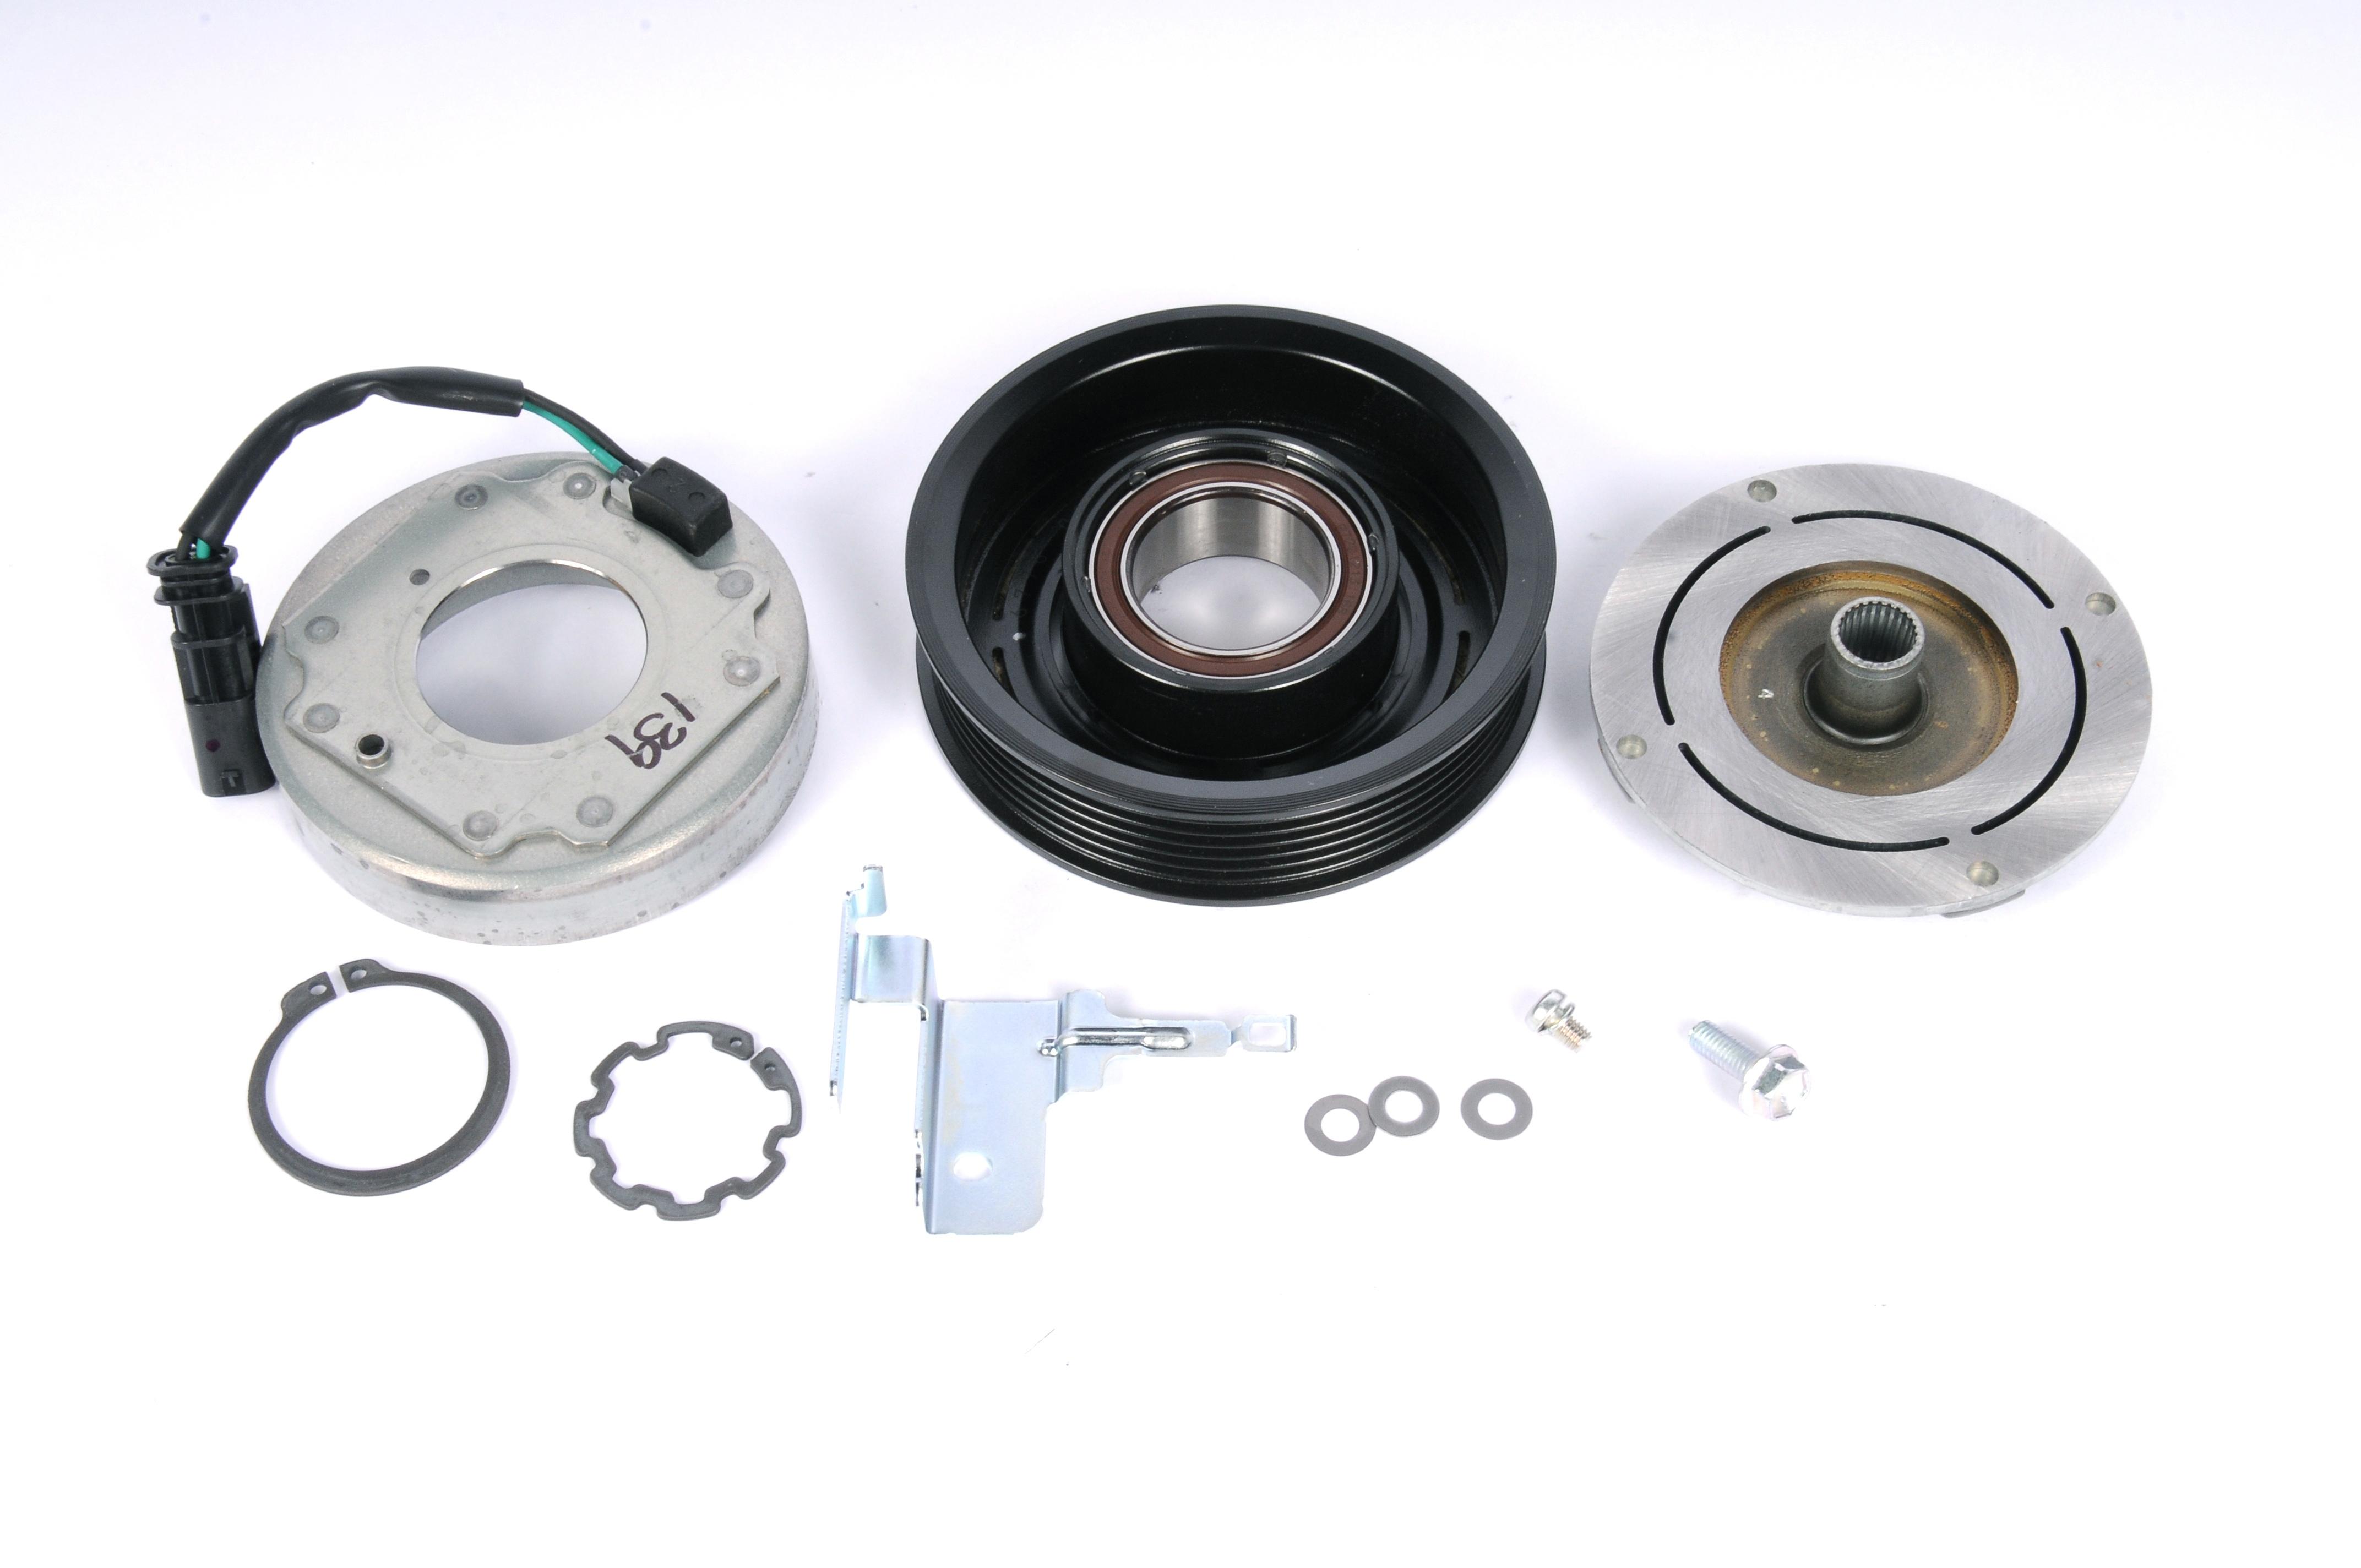 ACDELCO GM ORIGINAL EQUIPMENT - A/C Compressor Clutch Kit - DCB 15-40542